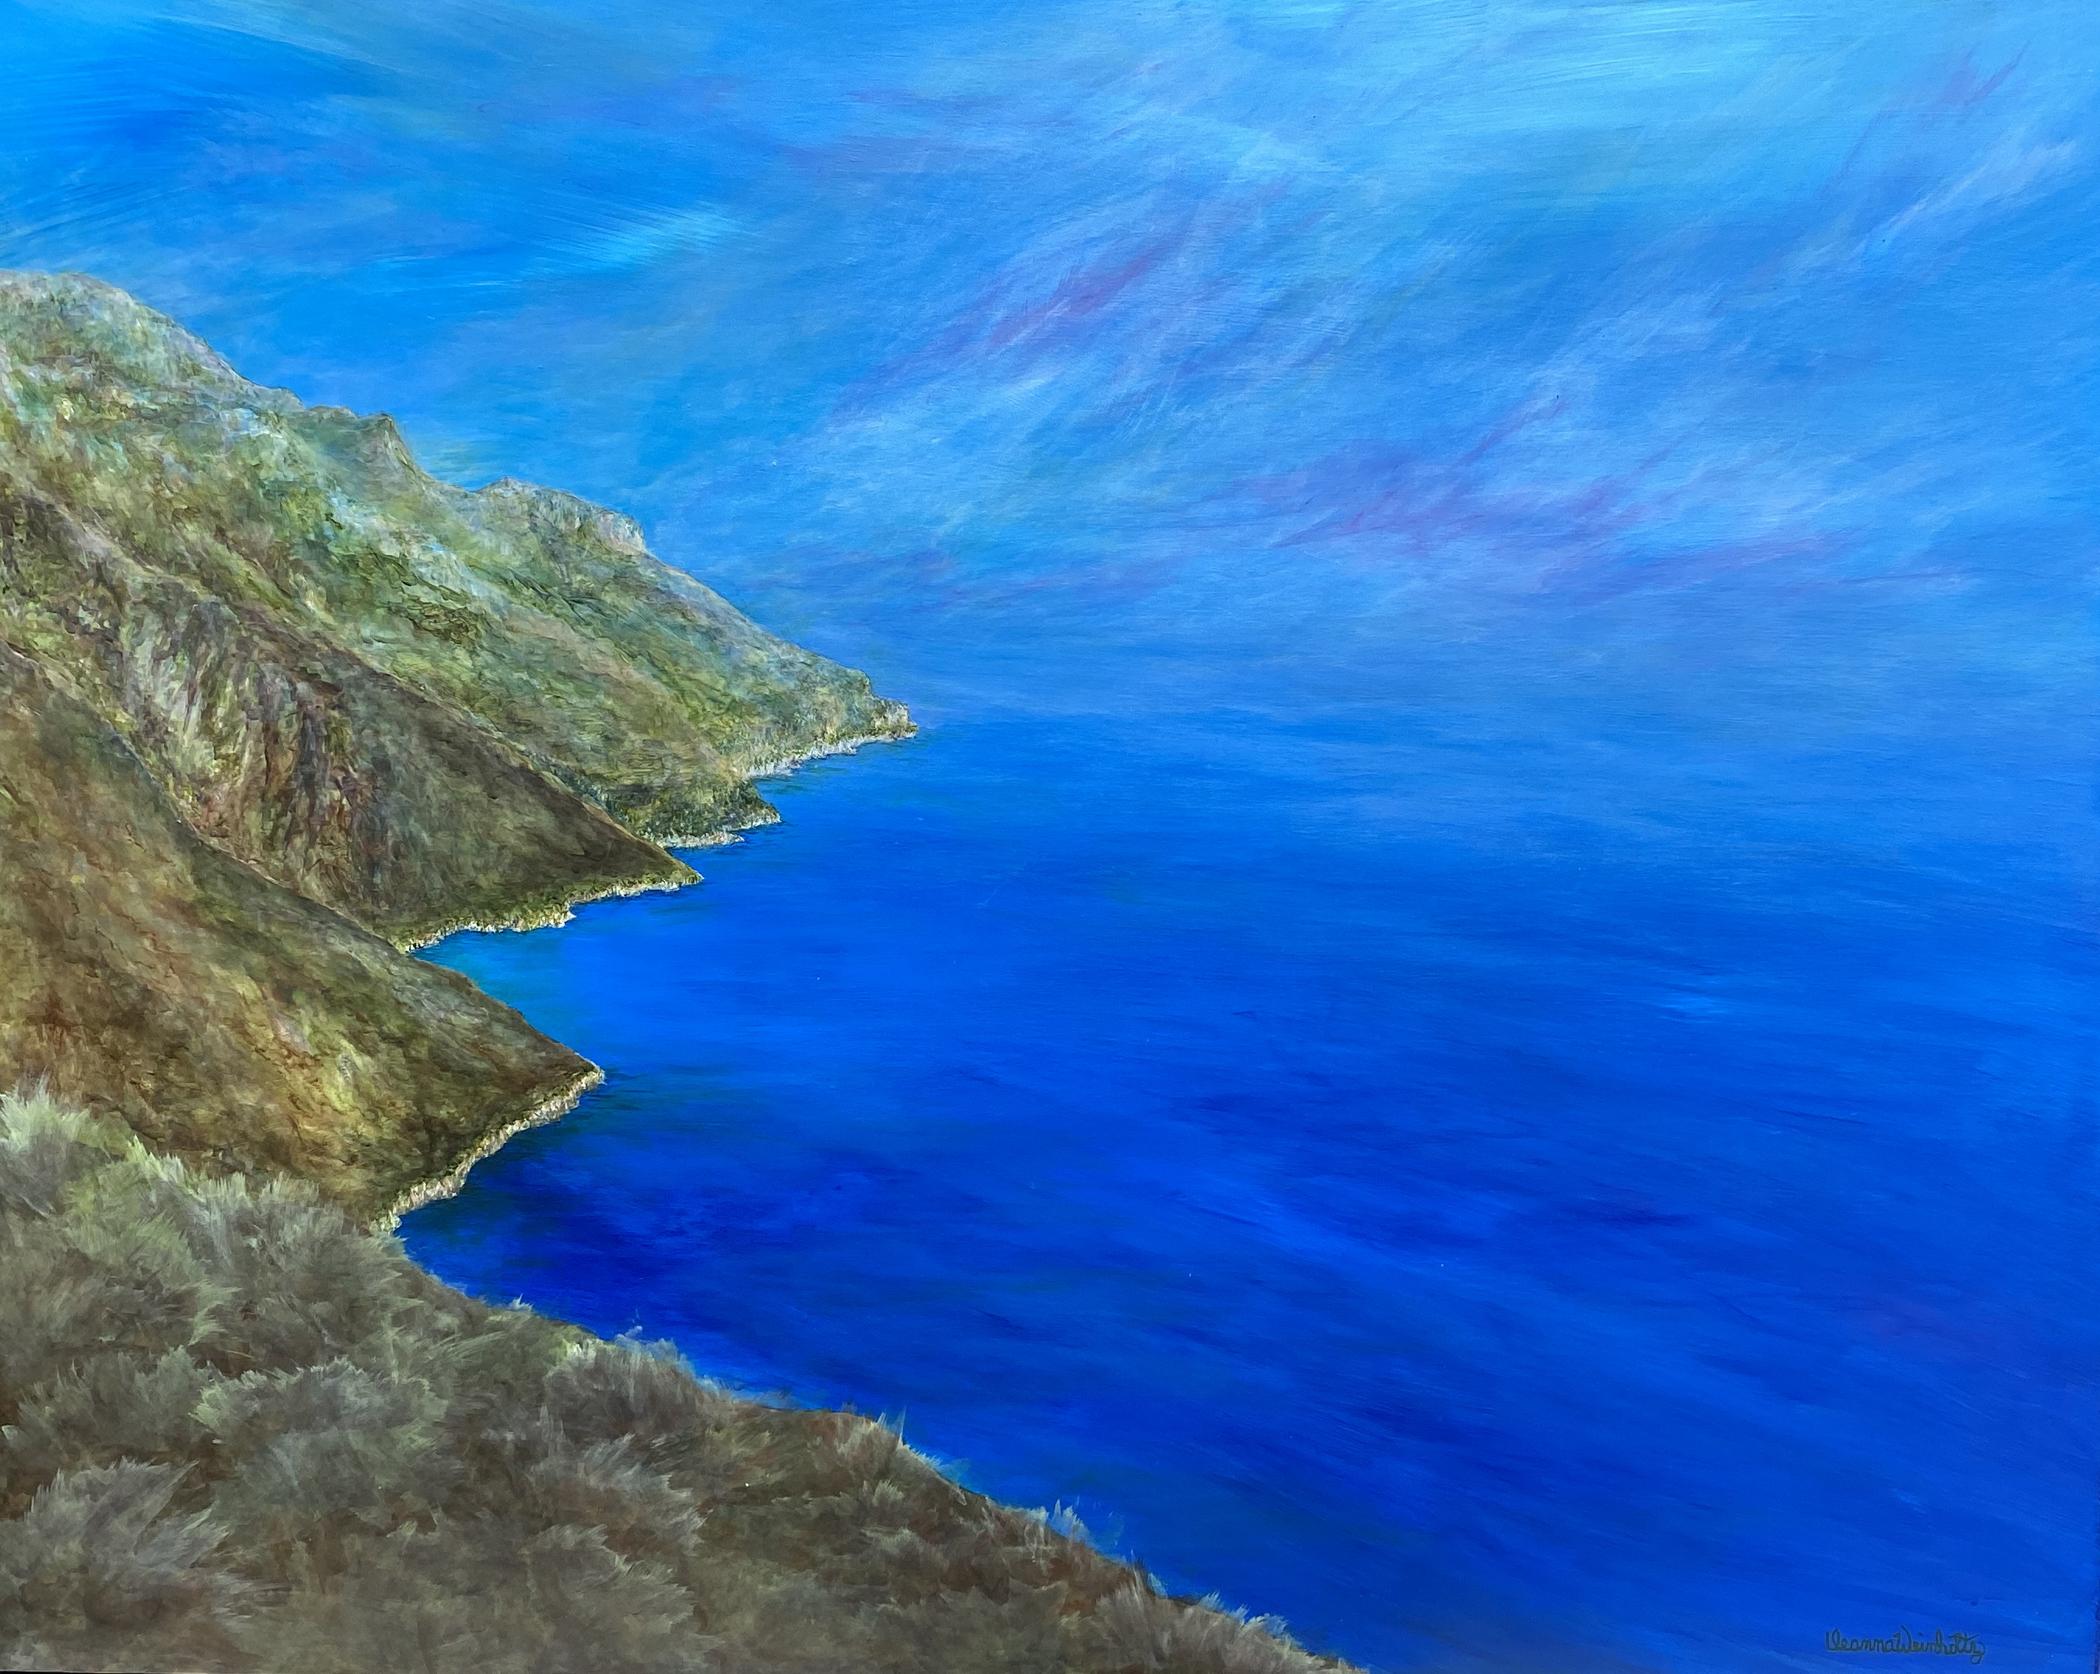 Horizon's Edge